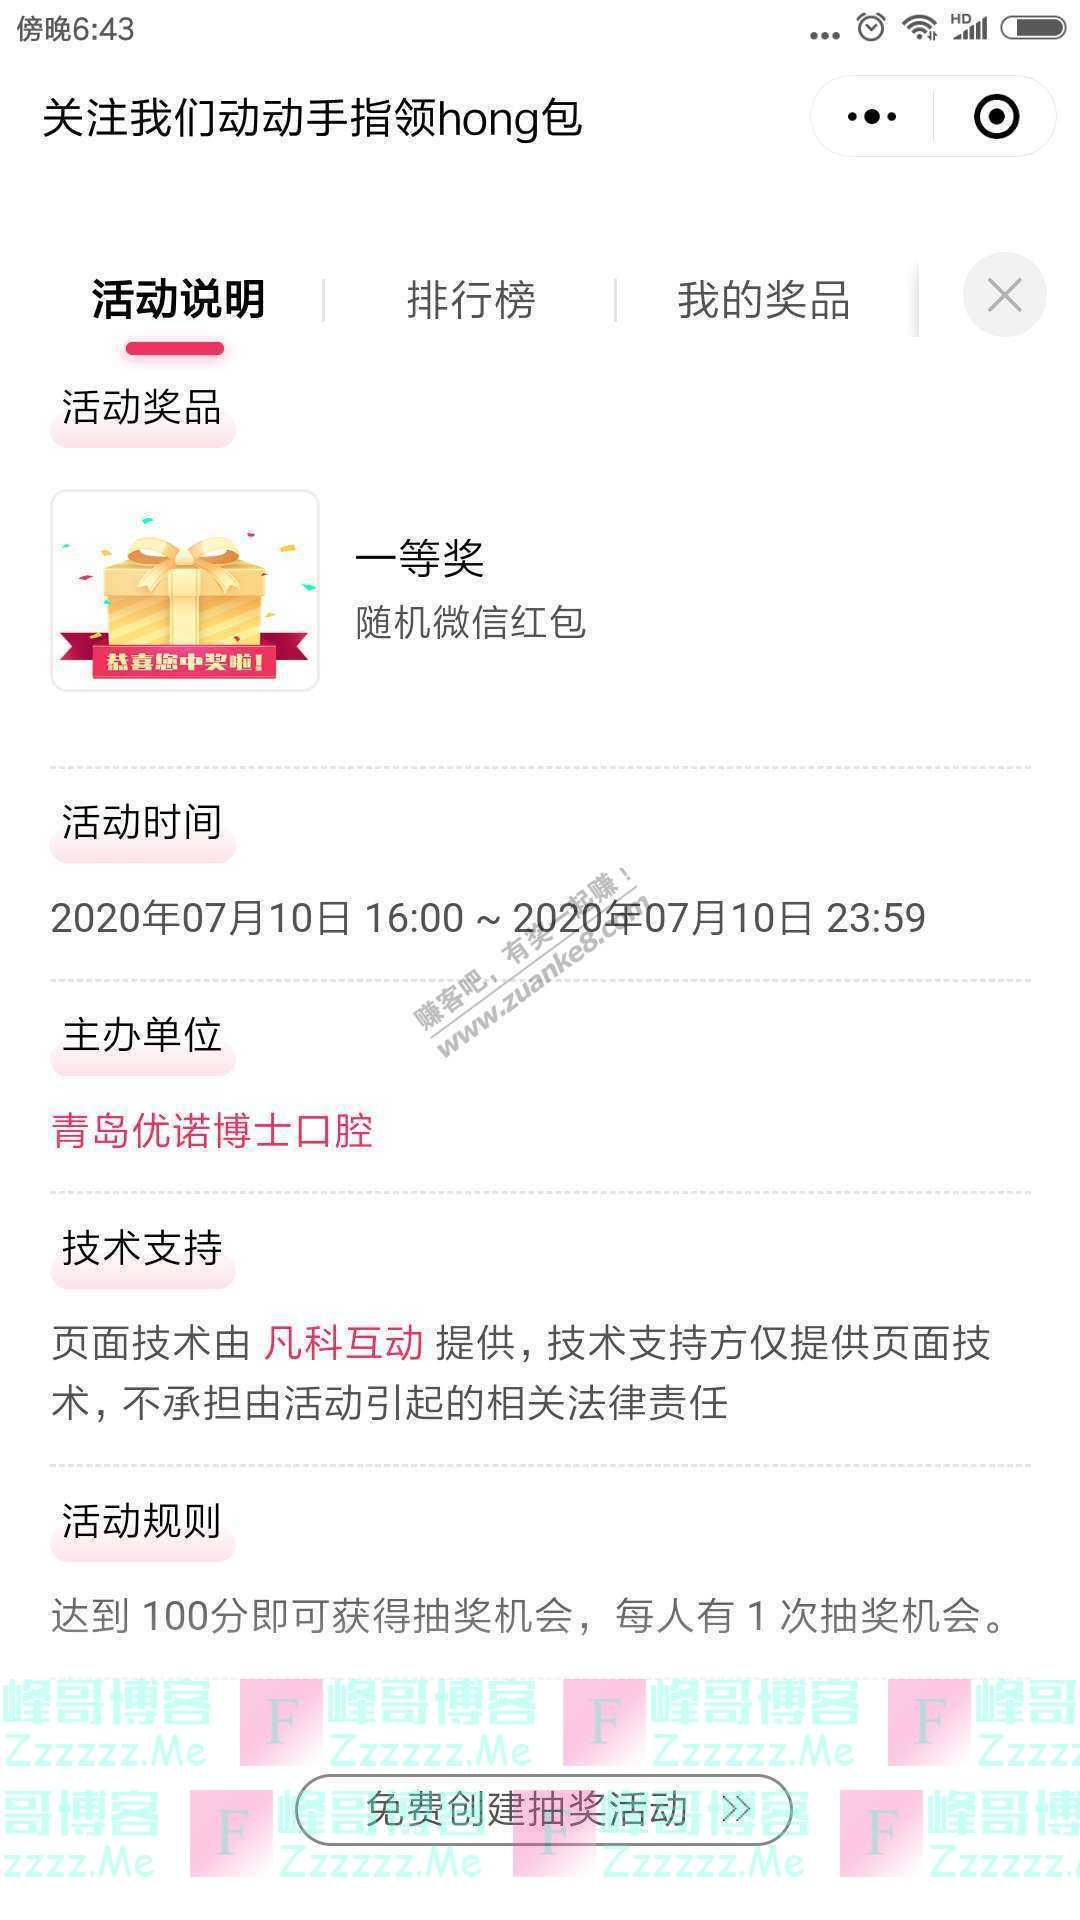 青岛优诺博士口腔医院就现在,答题抢现金红包(截止7月10日)